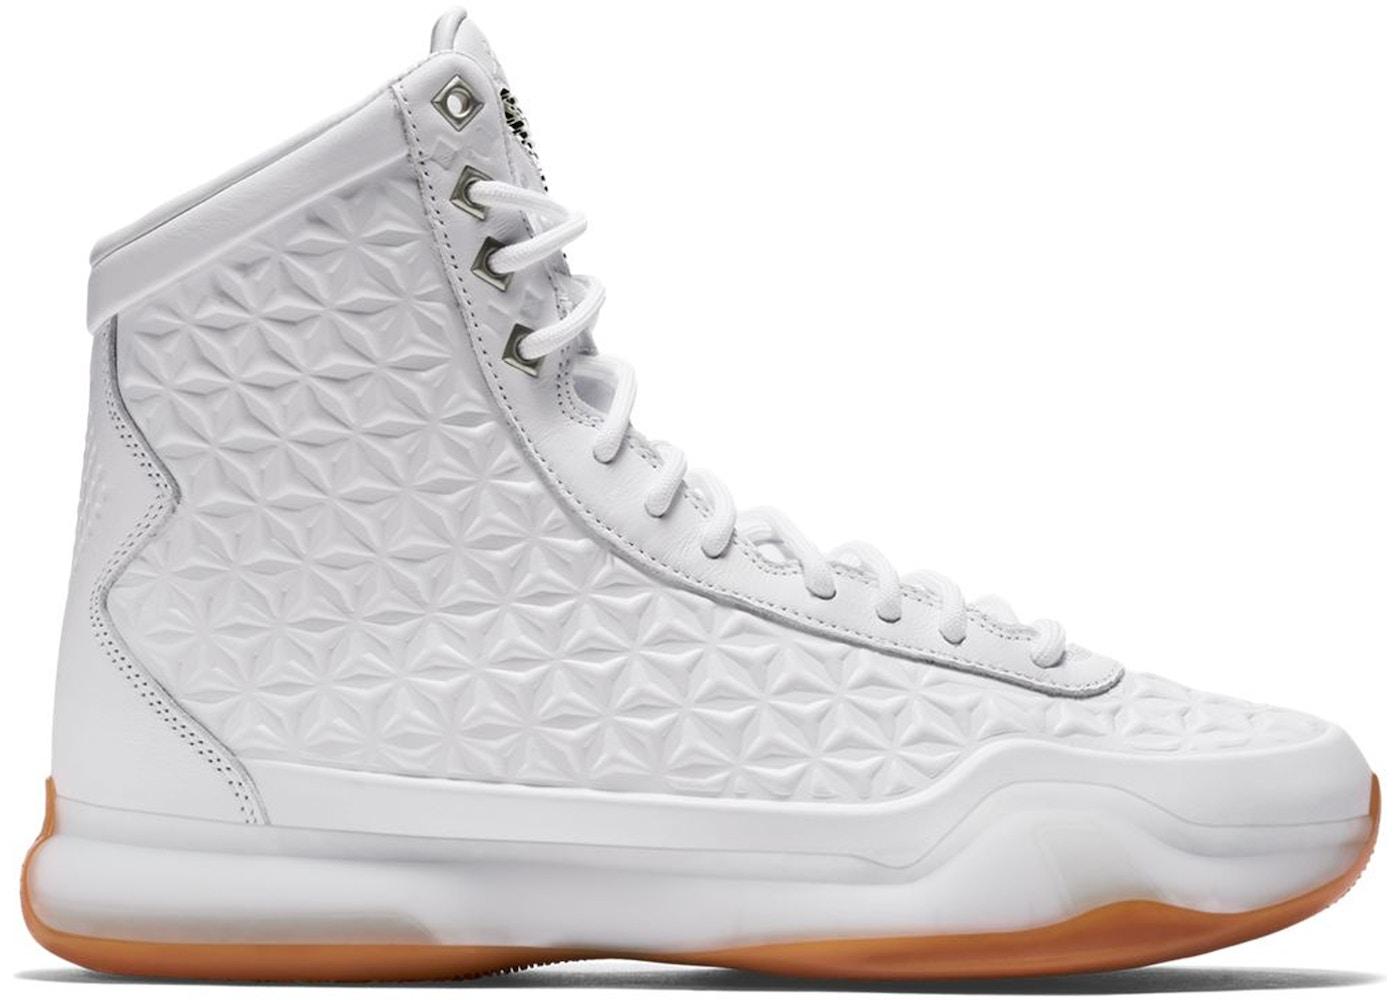 022231fa2010 Buy Nike Kobe 10 Shoes   Deadstock Sneakers